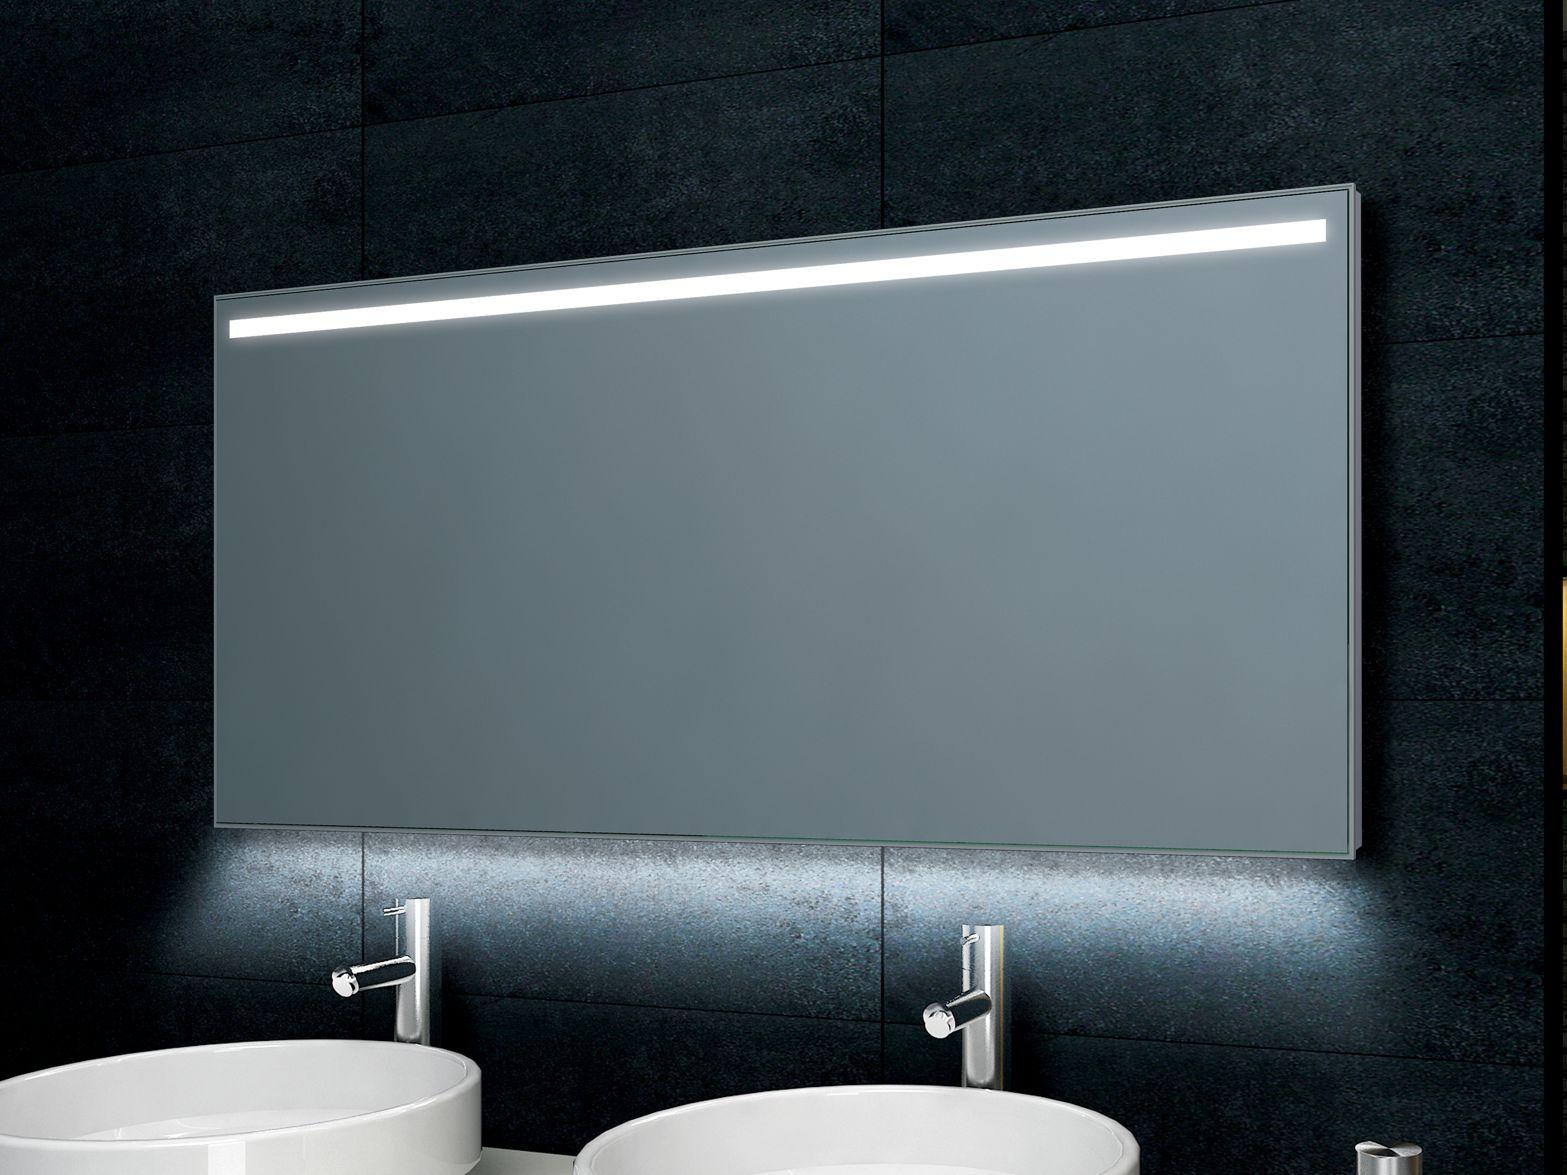 Badkamer spiegelkast met verlichting en stopcontact: spiegelkasten ...